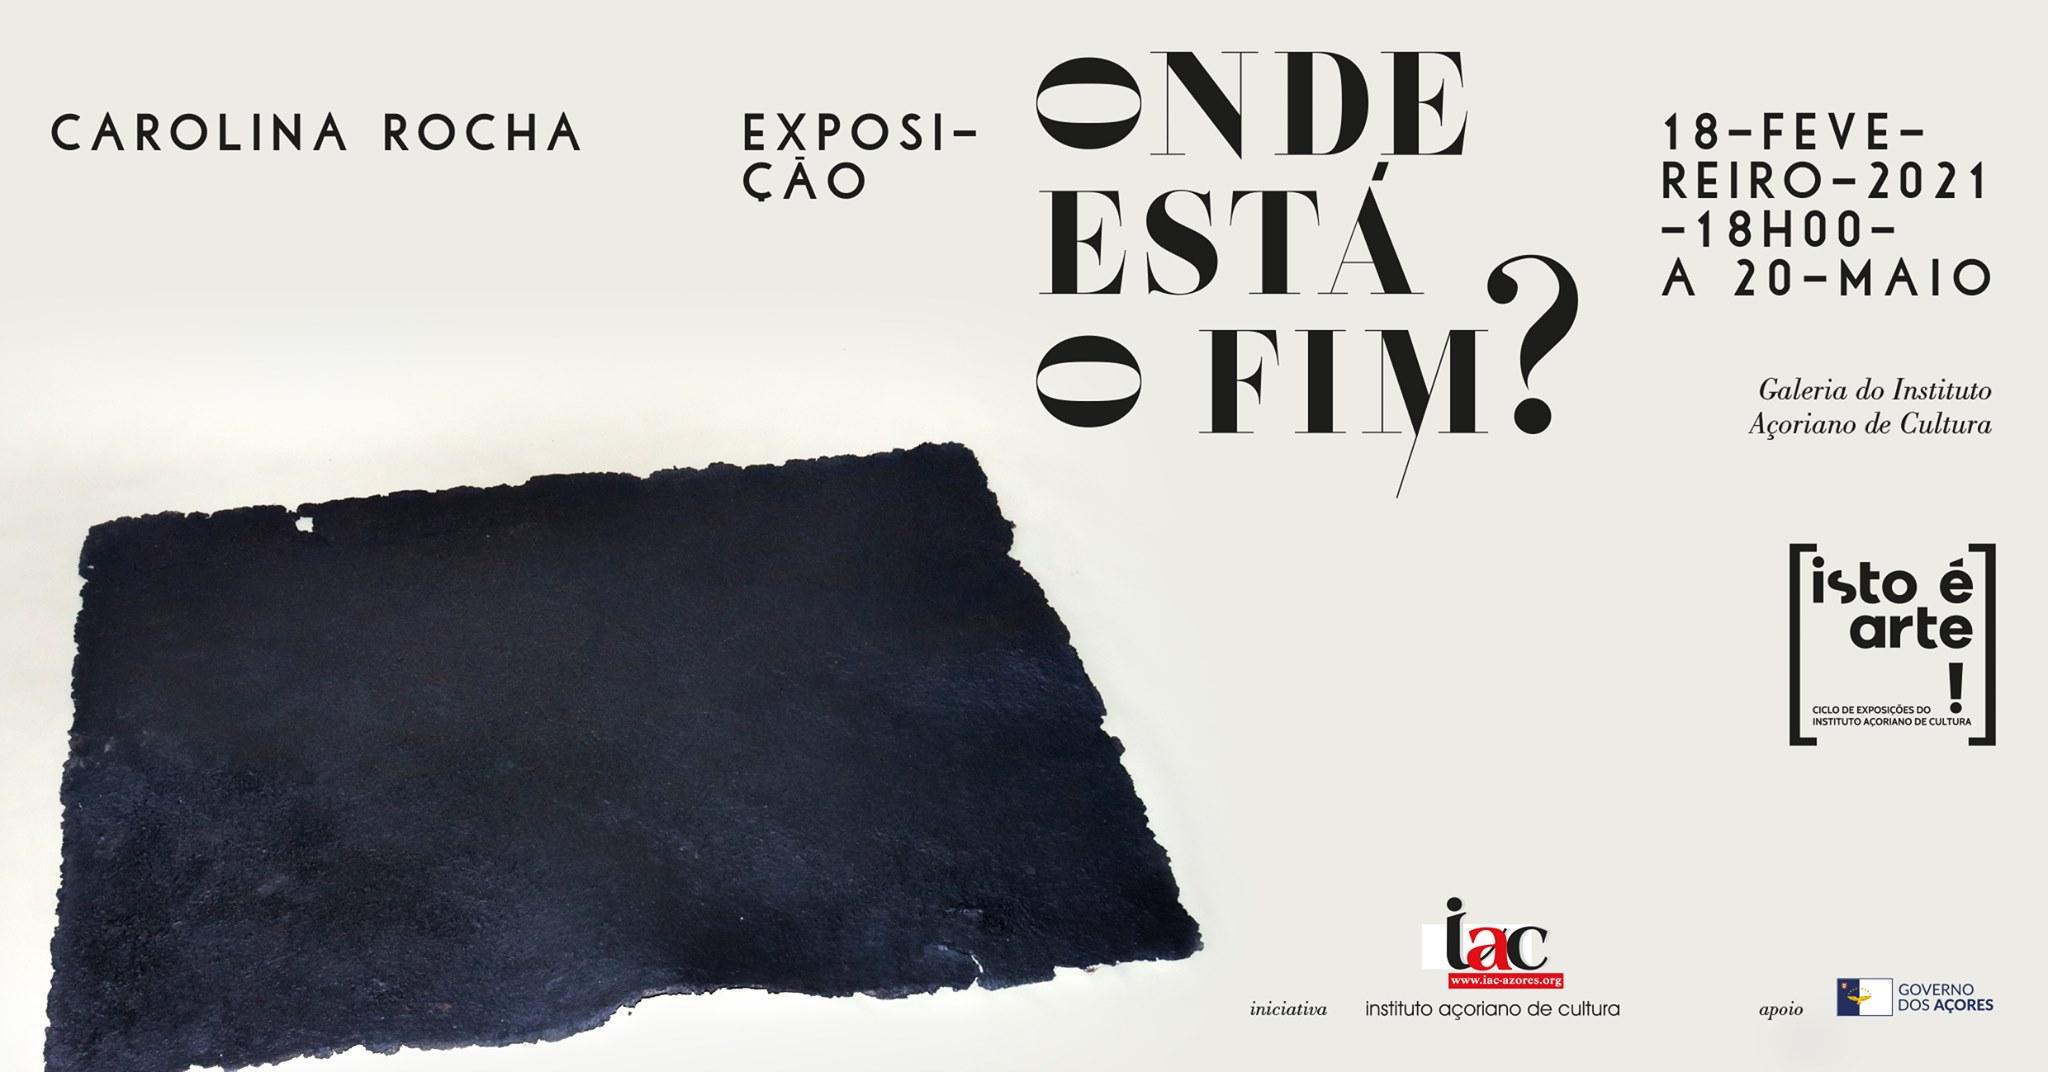 Onde está o fim? de Carolina Rocha